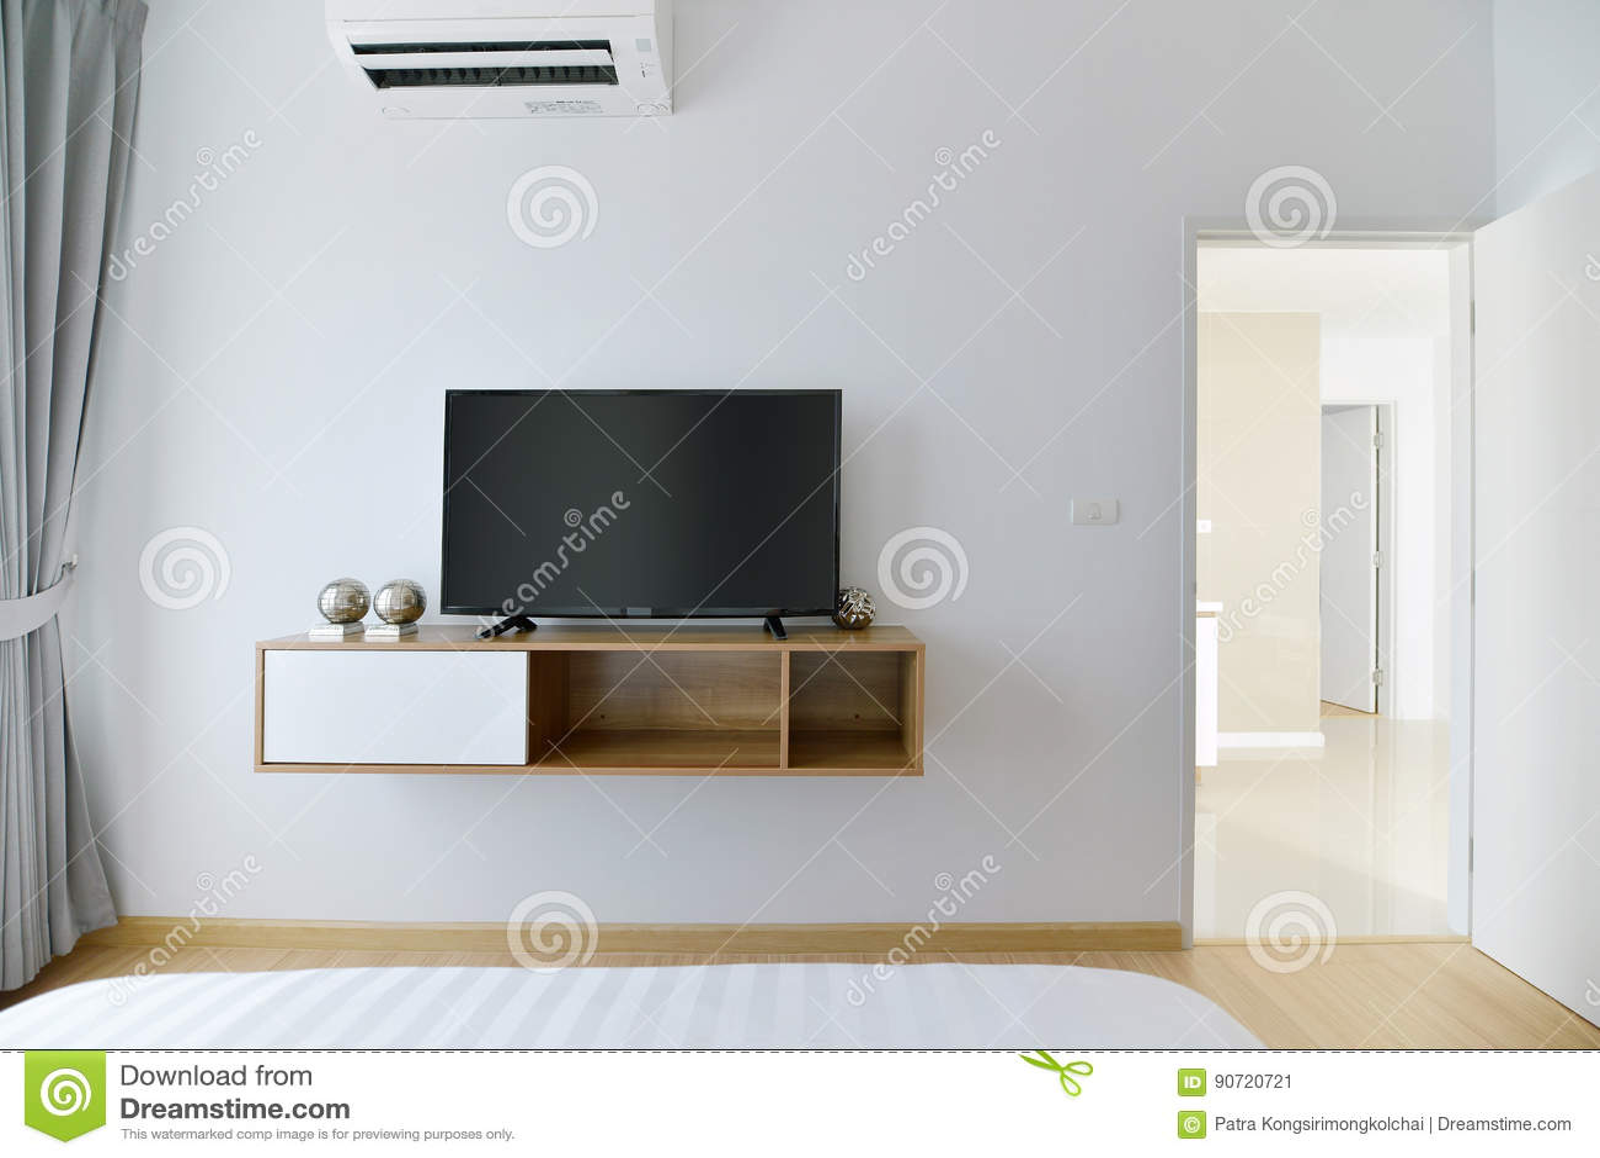 Moderne Lege Slaapkamer Met Geleide TV Op Witte Muur En Houten Plank Stock Afbeelding